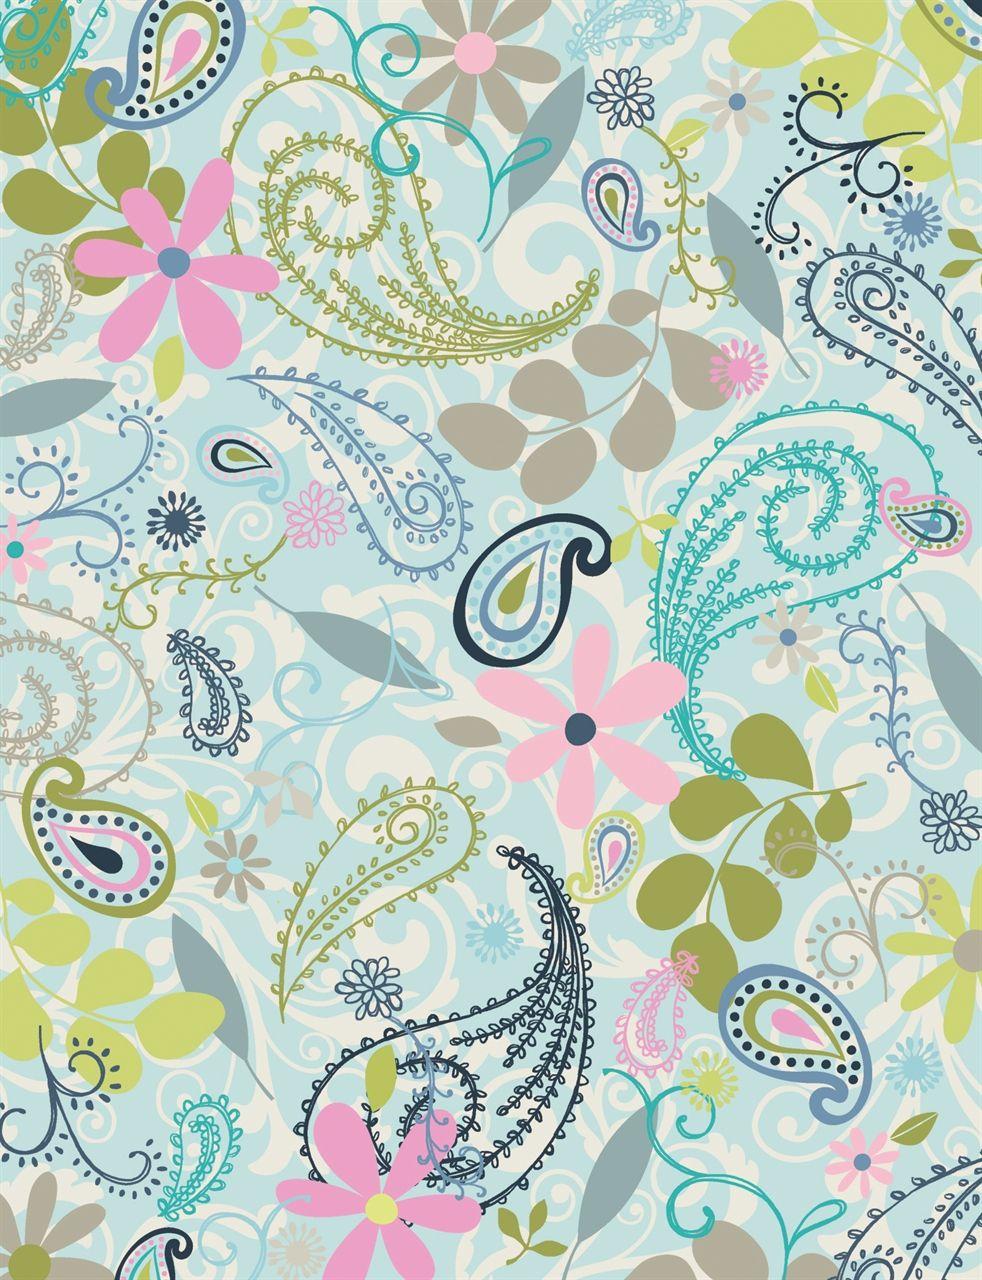 Hiccup Studio Designs Pattern Ideas De Fondos De Pantalla Fondos De Colores Ilustraciones Florales